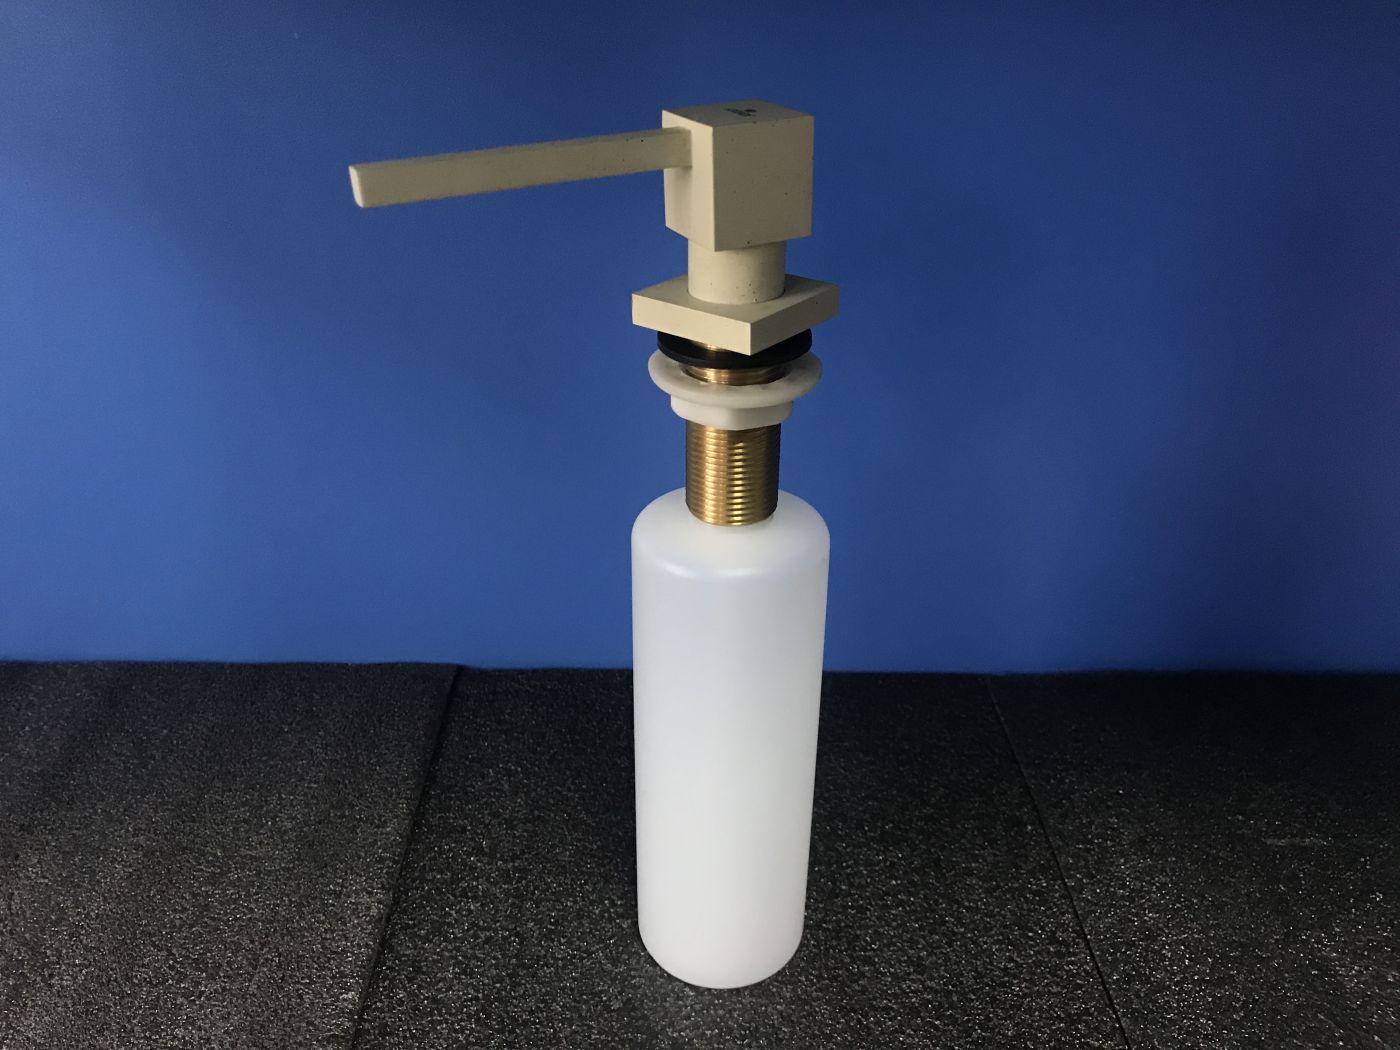 Kaiser KH-3026 Дозатор для моющих средств встраиваемый в мойку